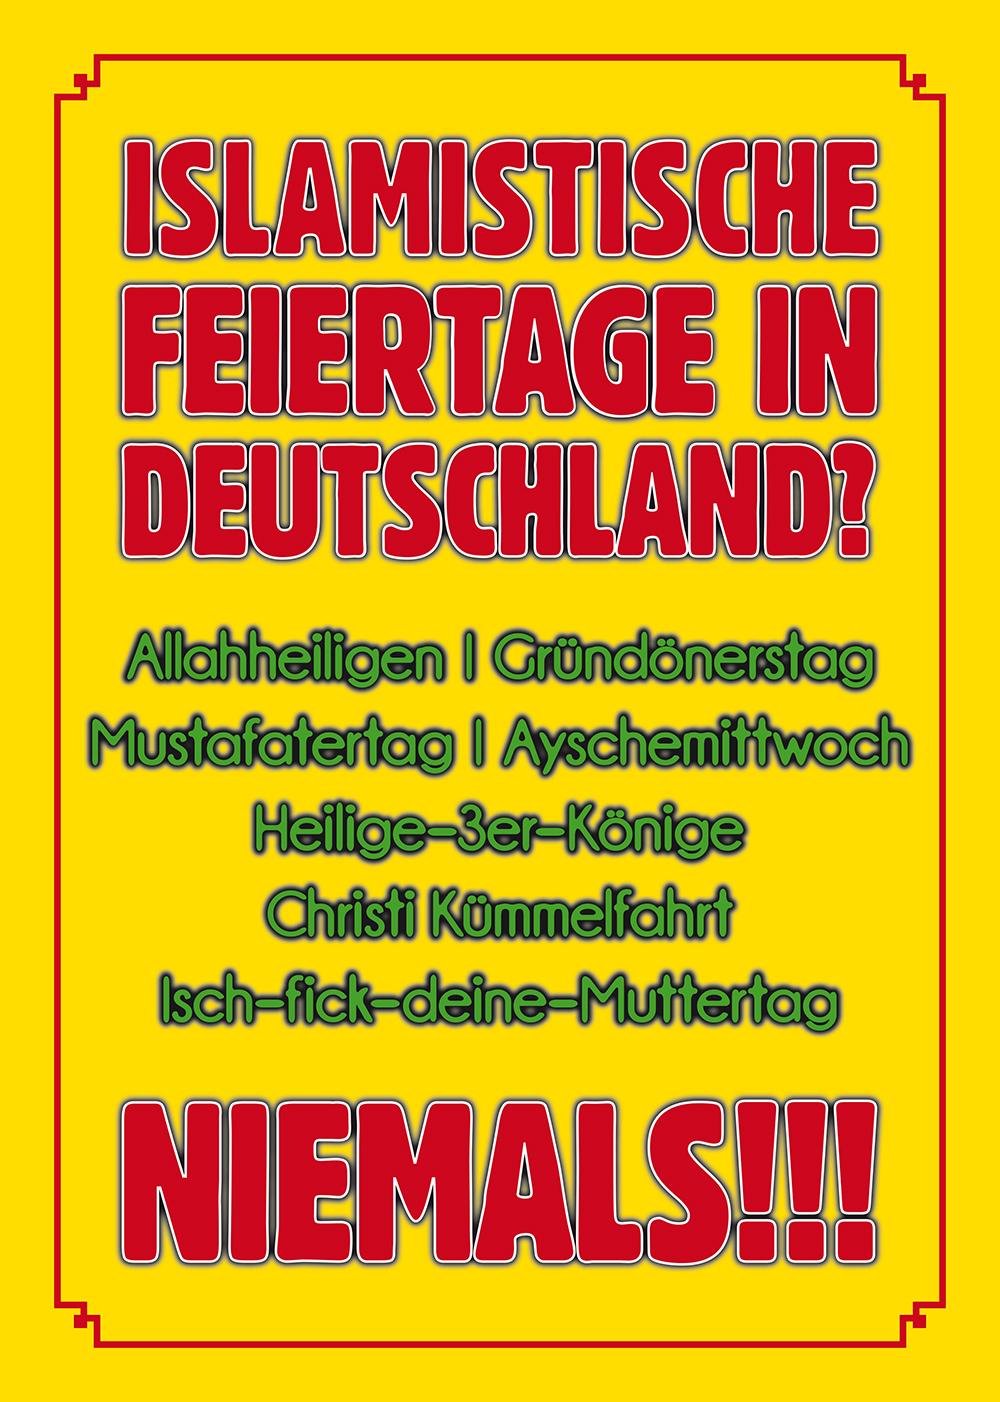 Aufkleber Islamistische Feiertage